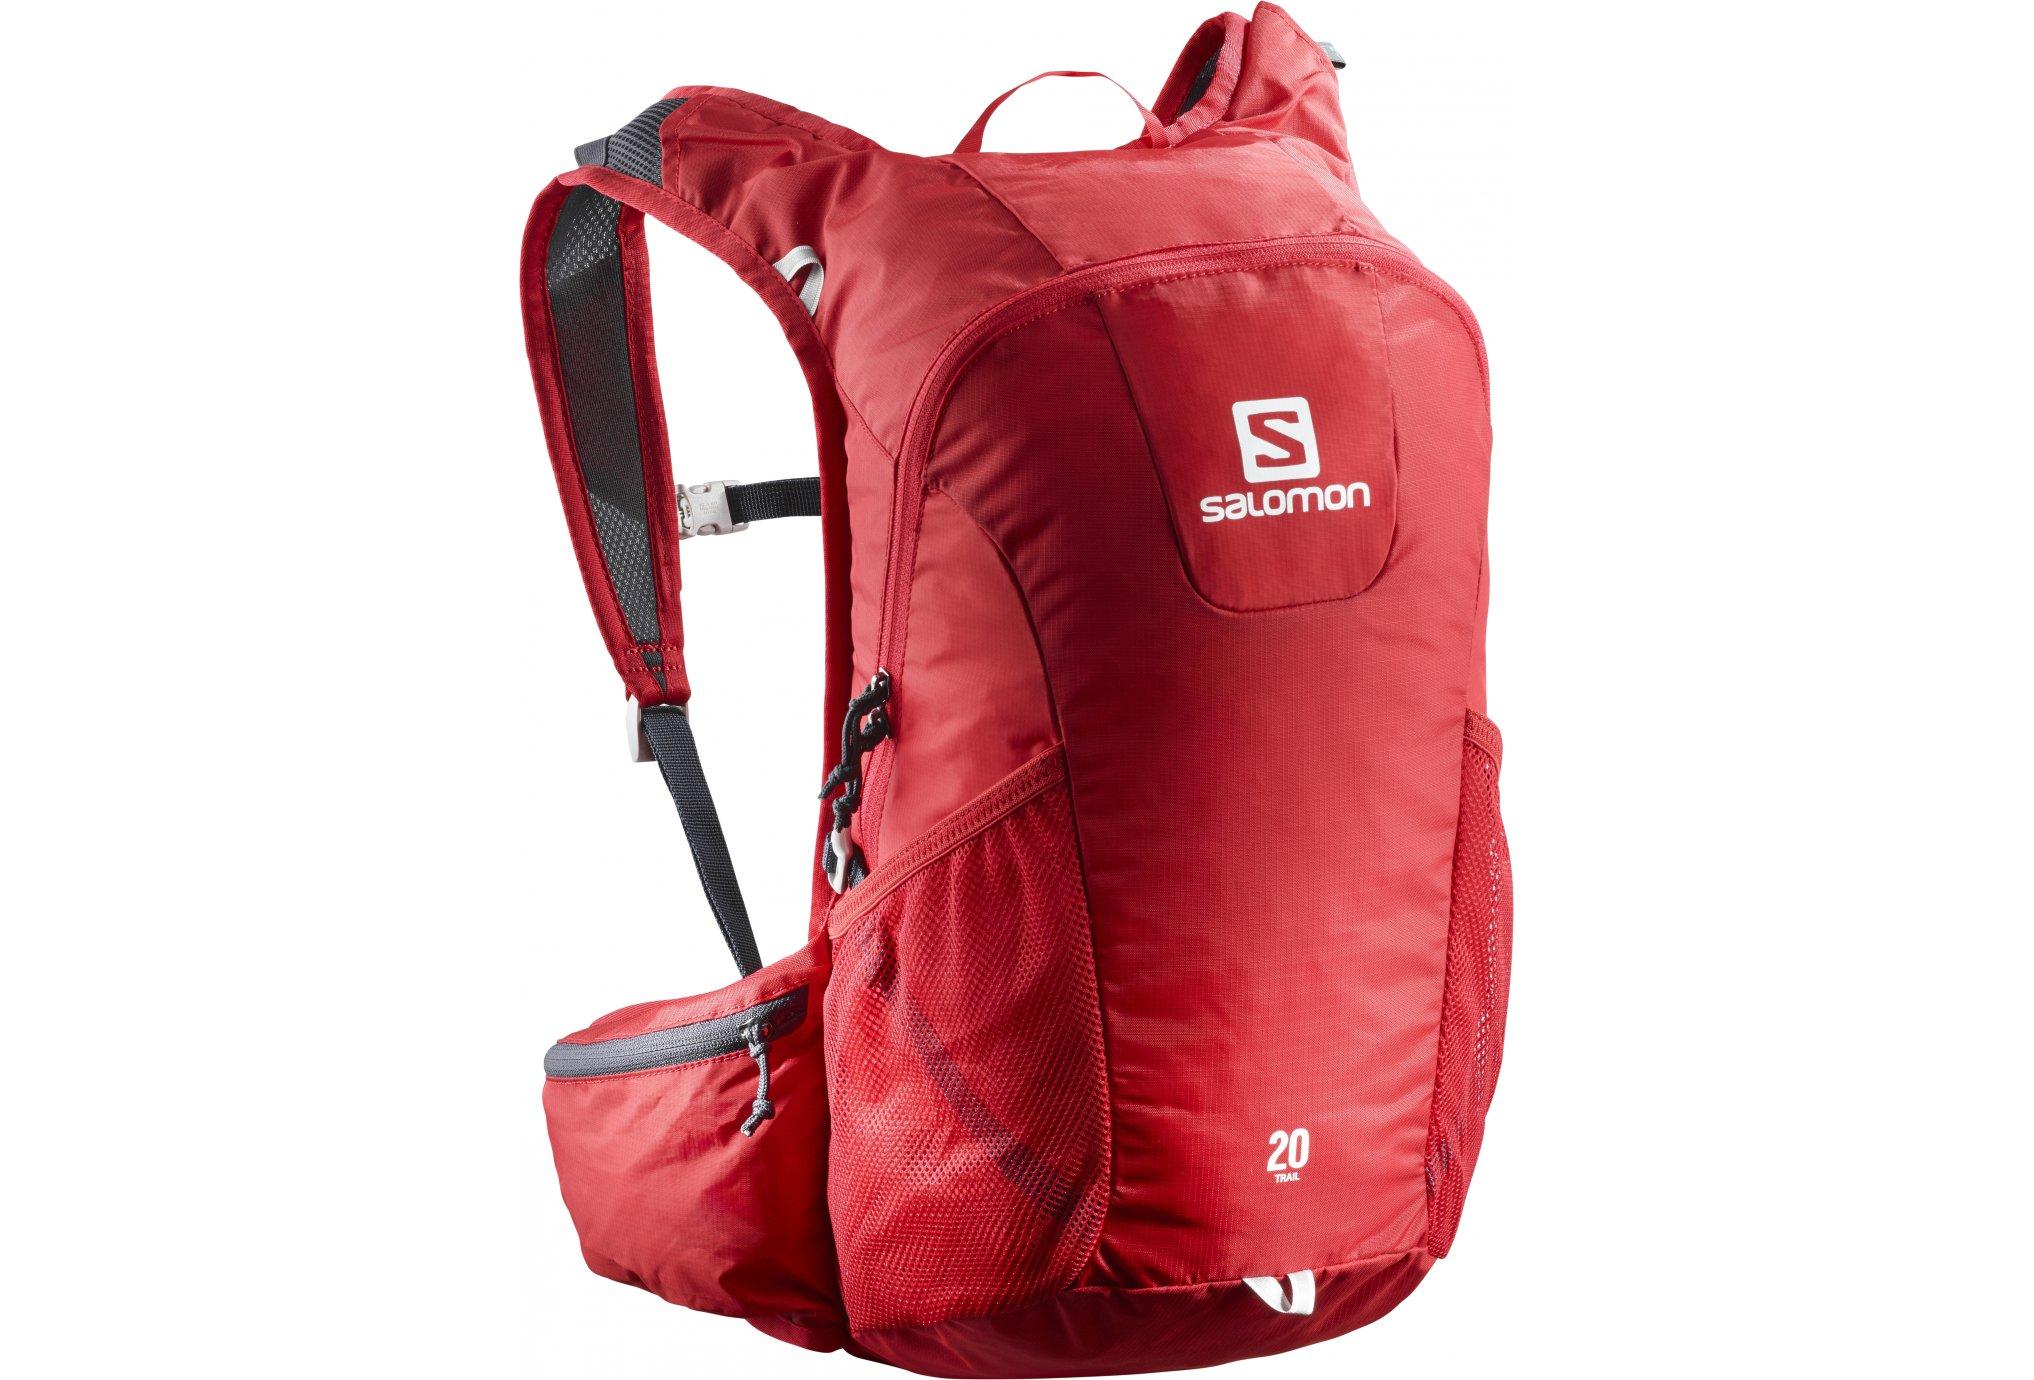 Salomon Trail 20 Sac hydratation / Gourde